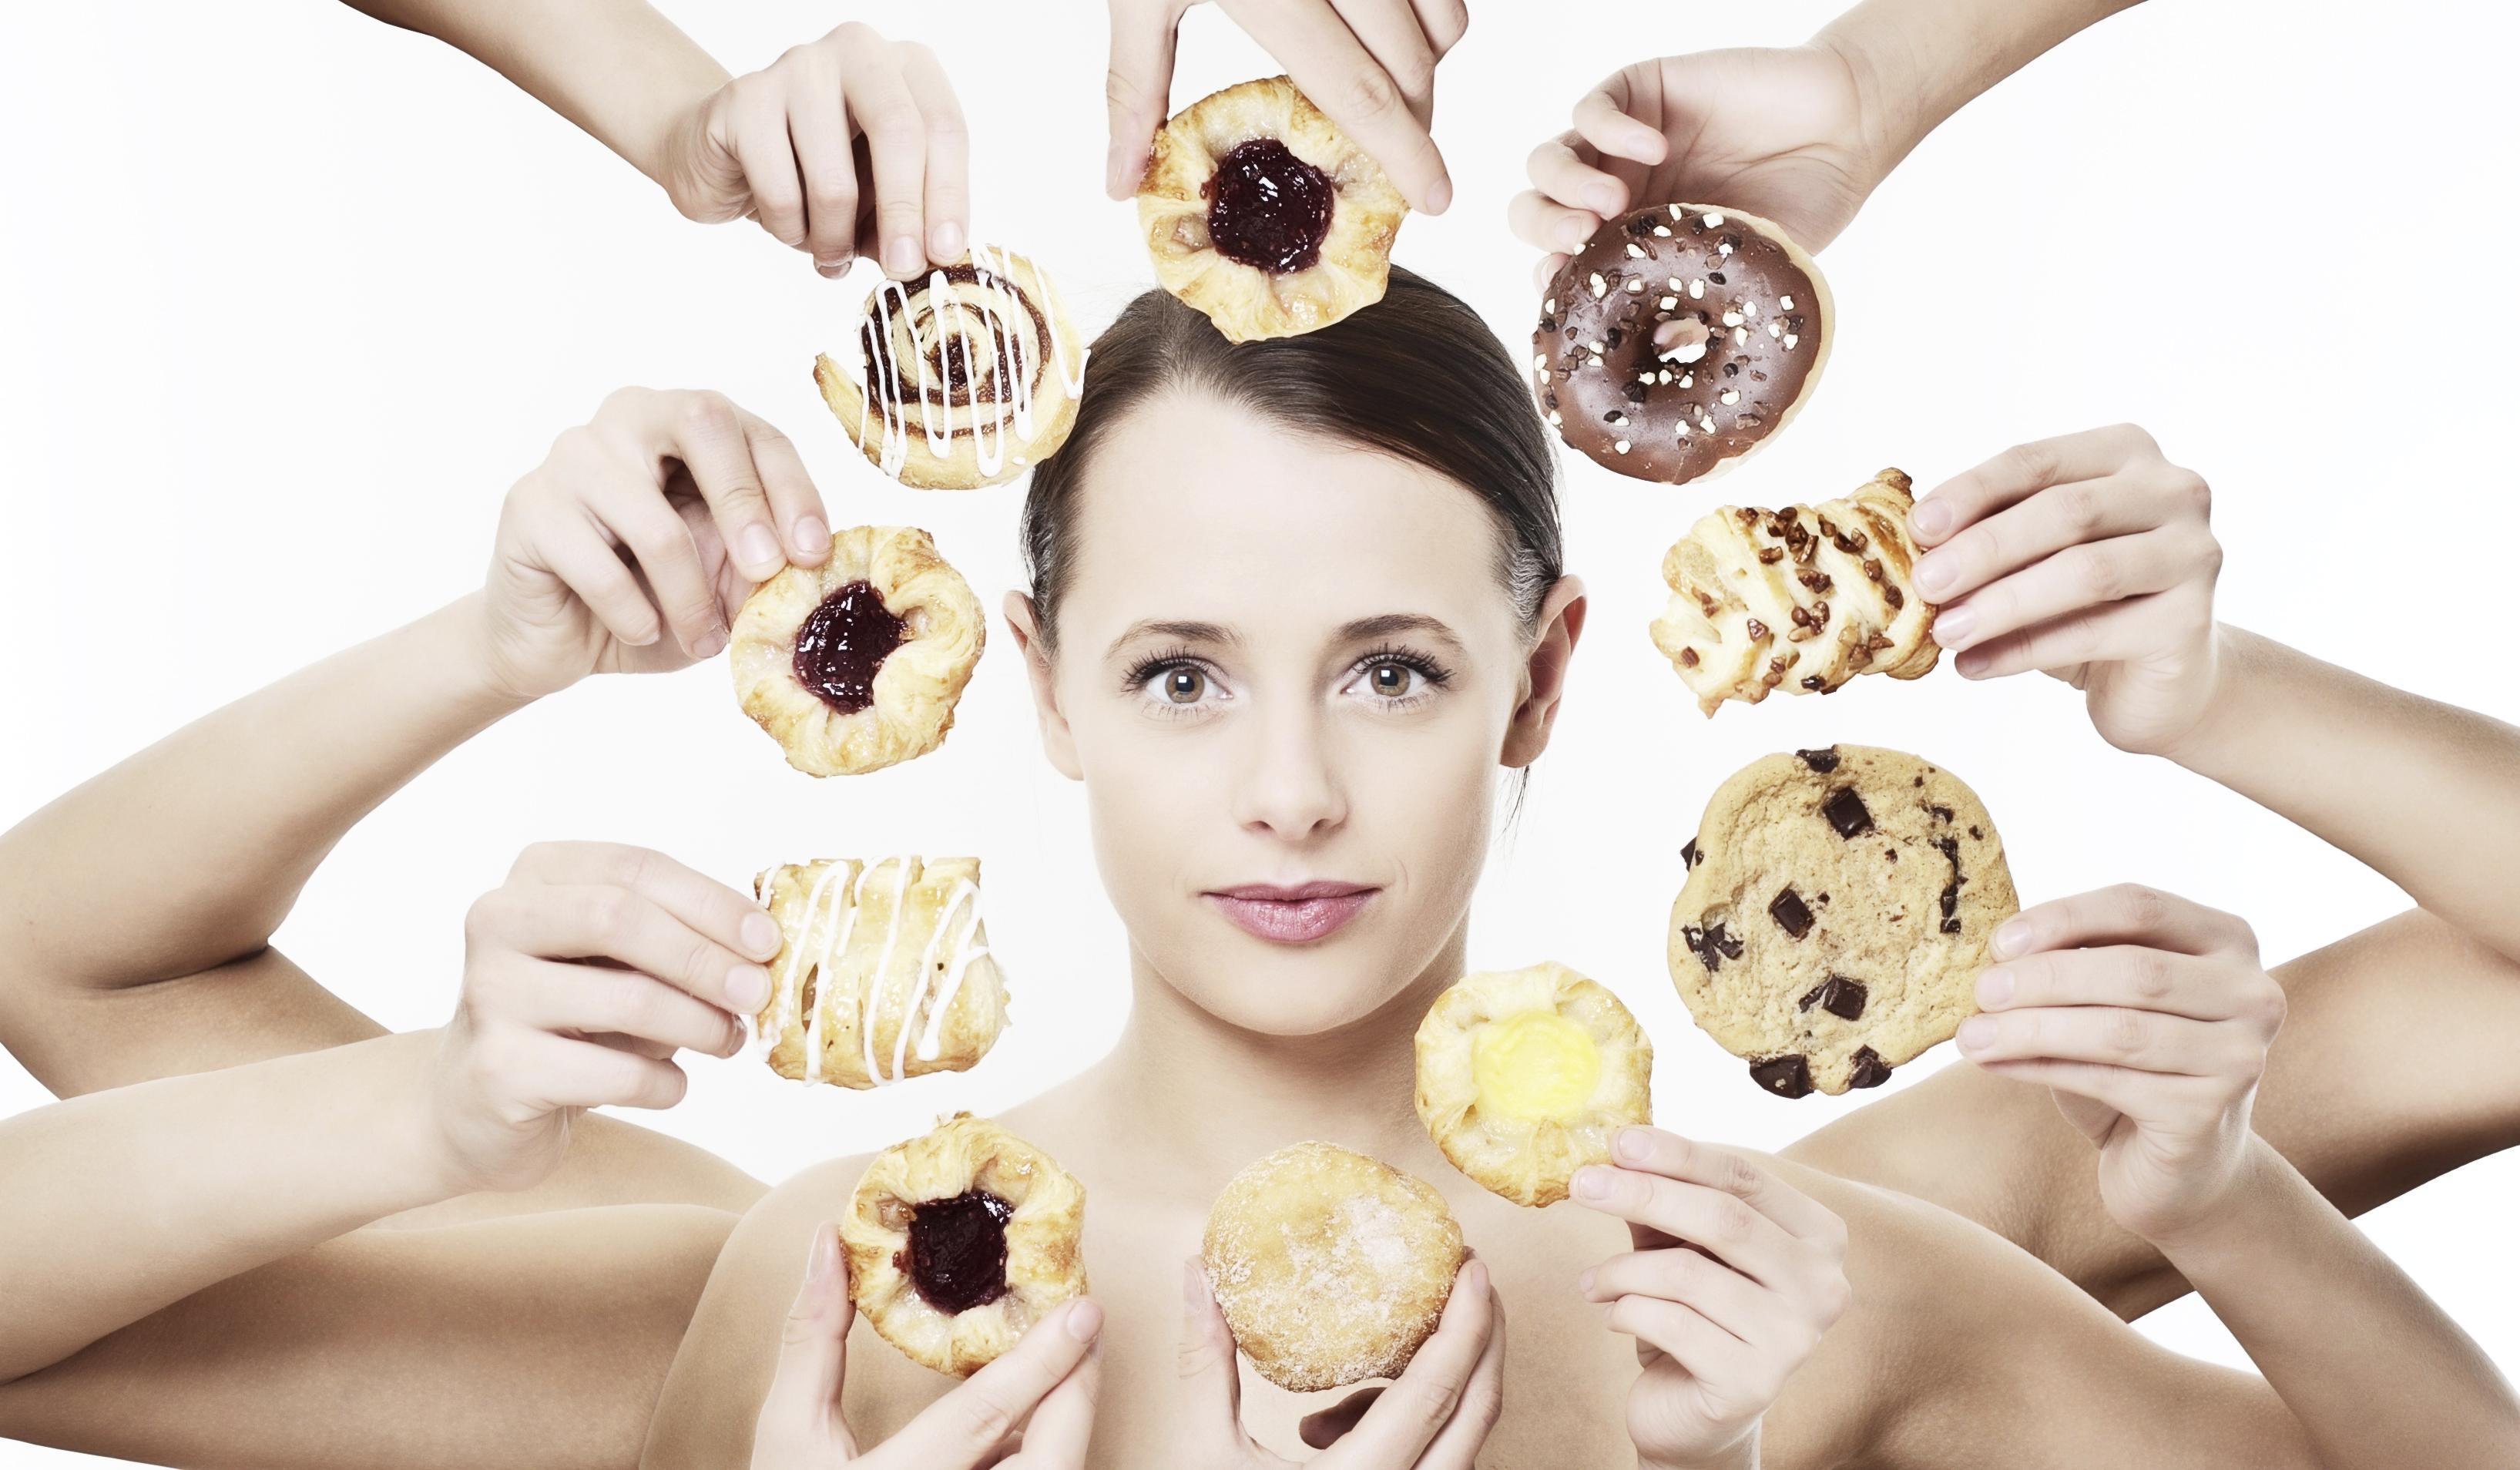 Как отказаться от сладкого – 10 советов от психологов и диетологов